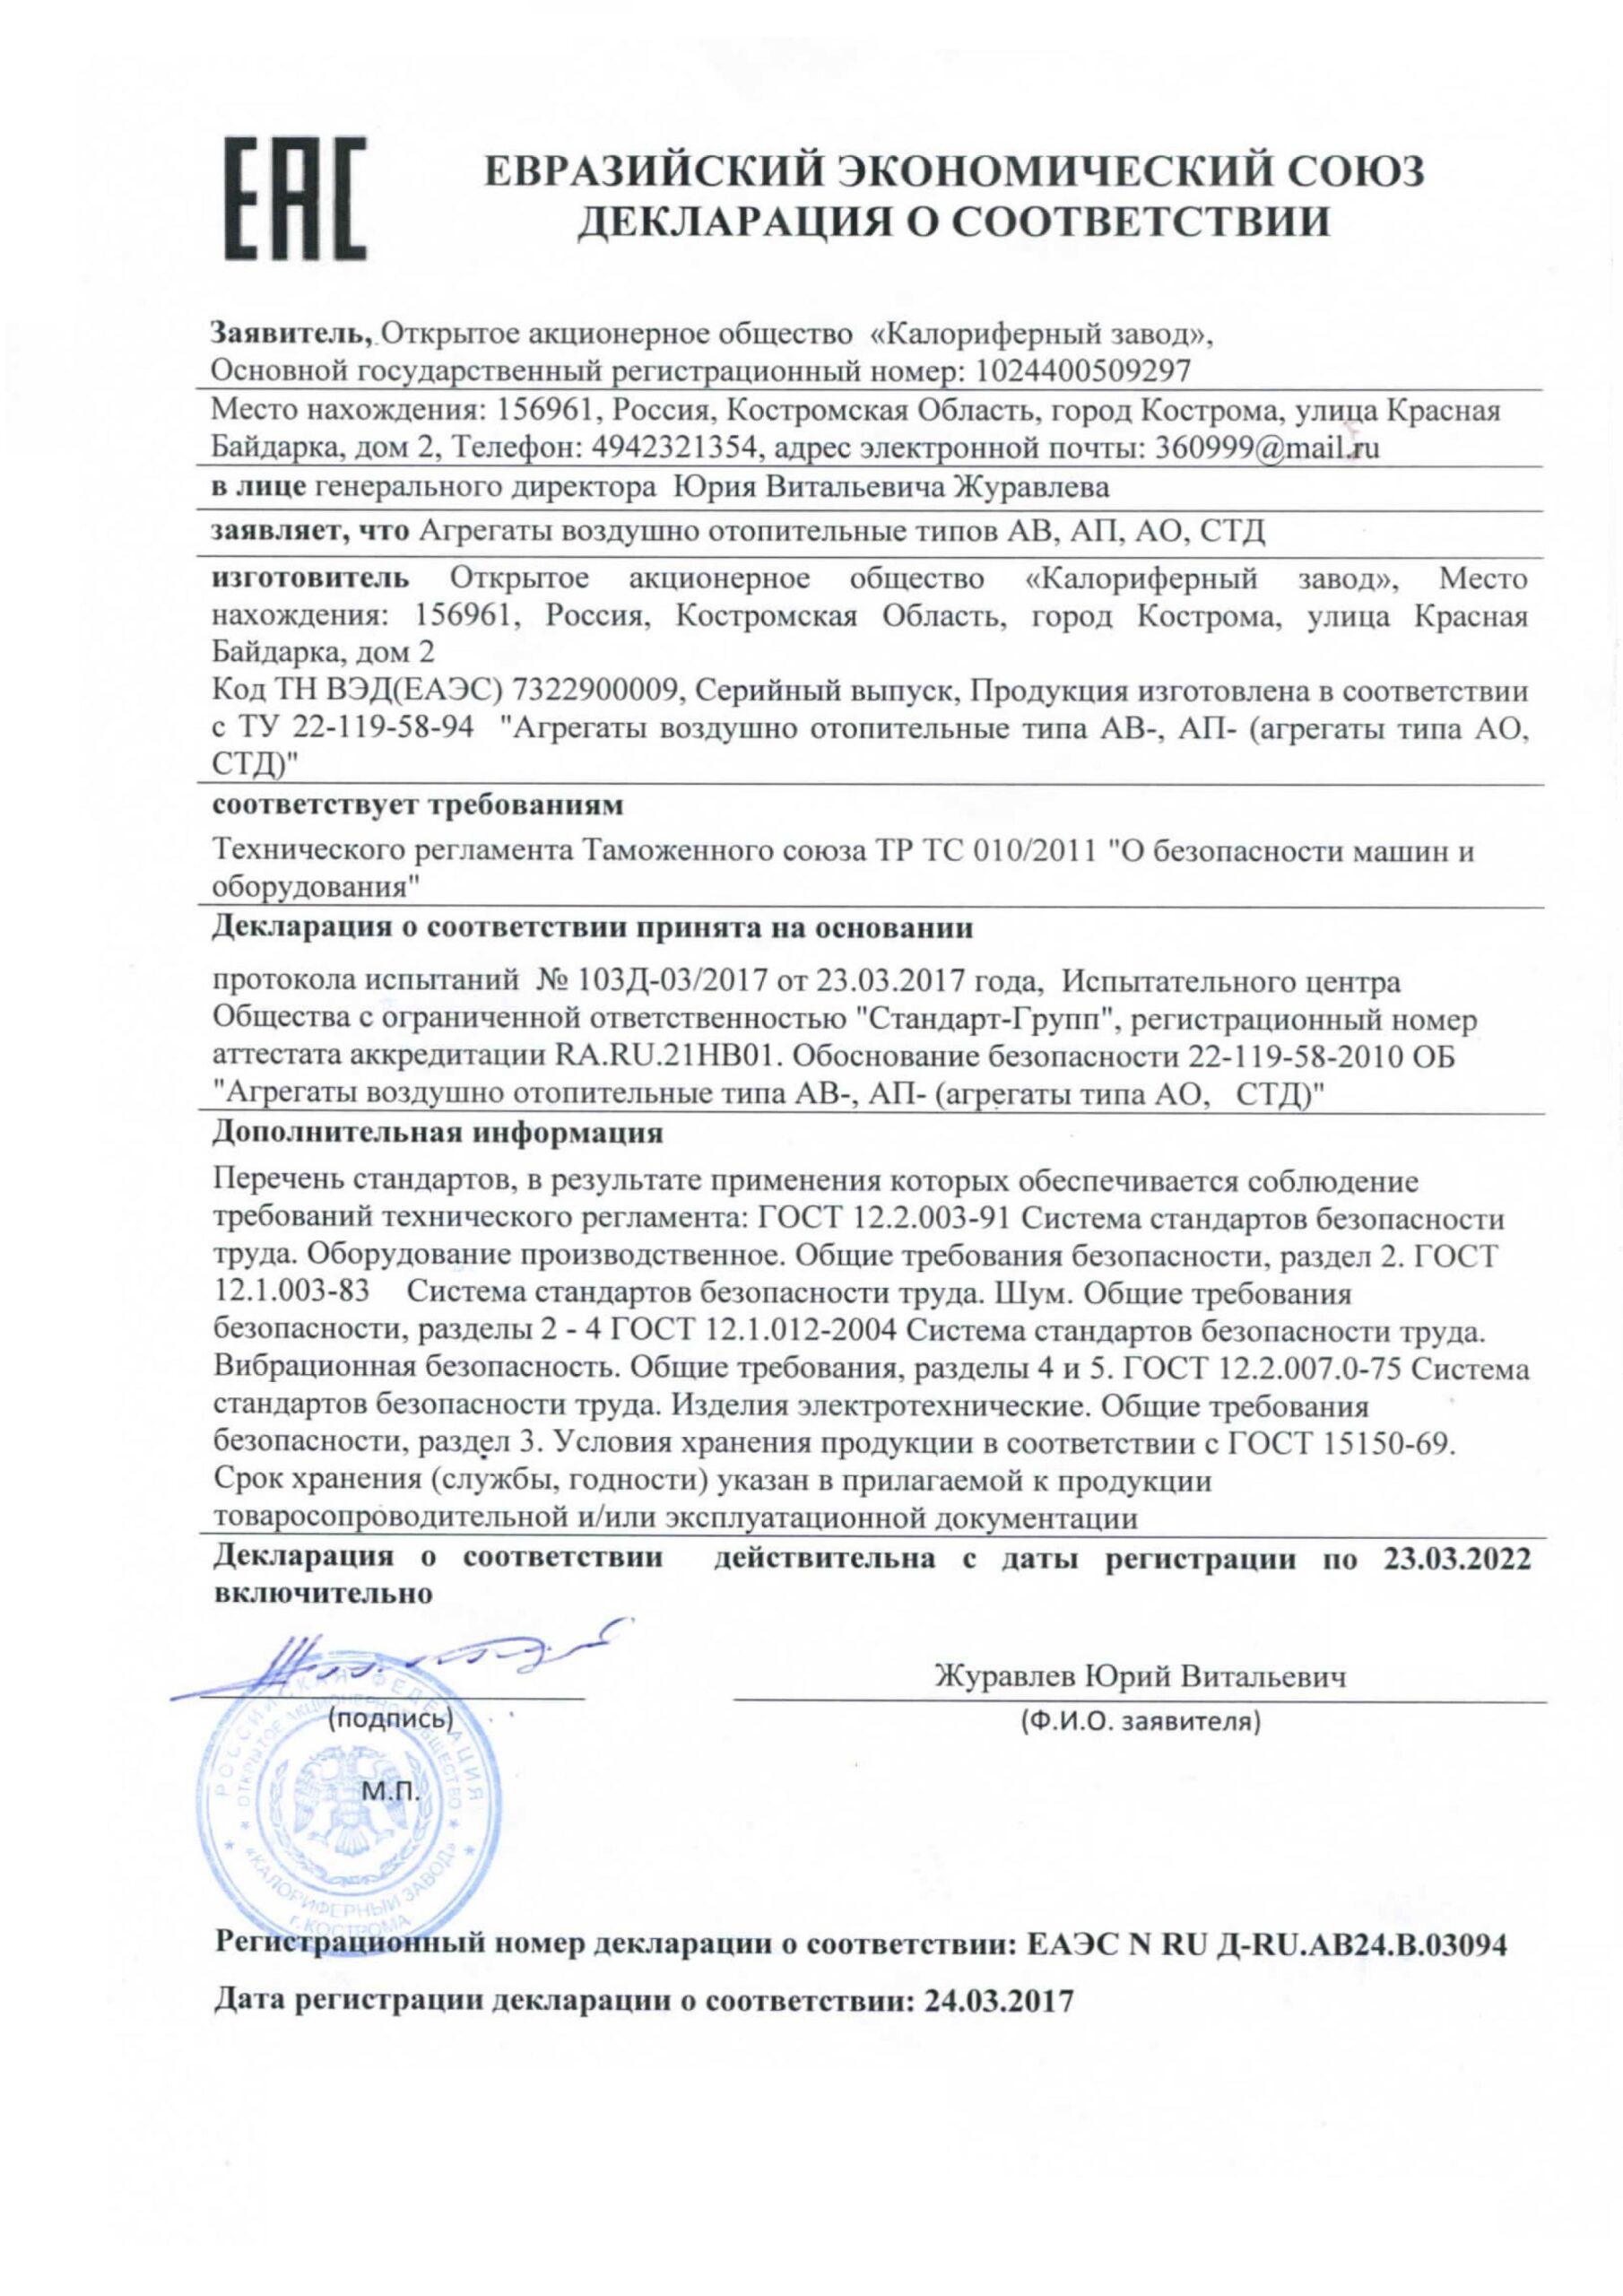 Декларация о соответствии АВ, АП, АО, СТД